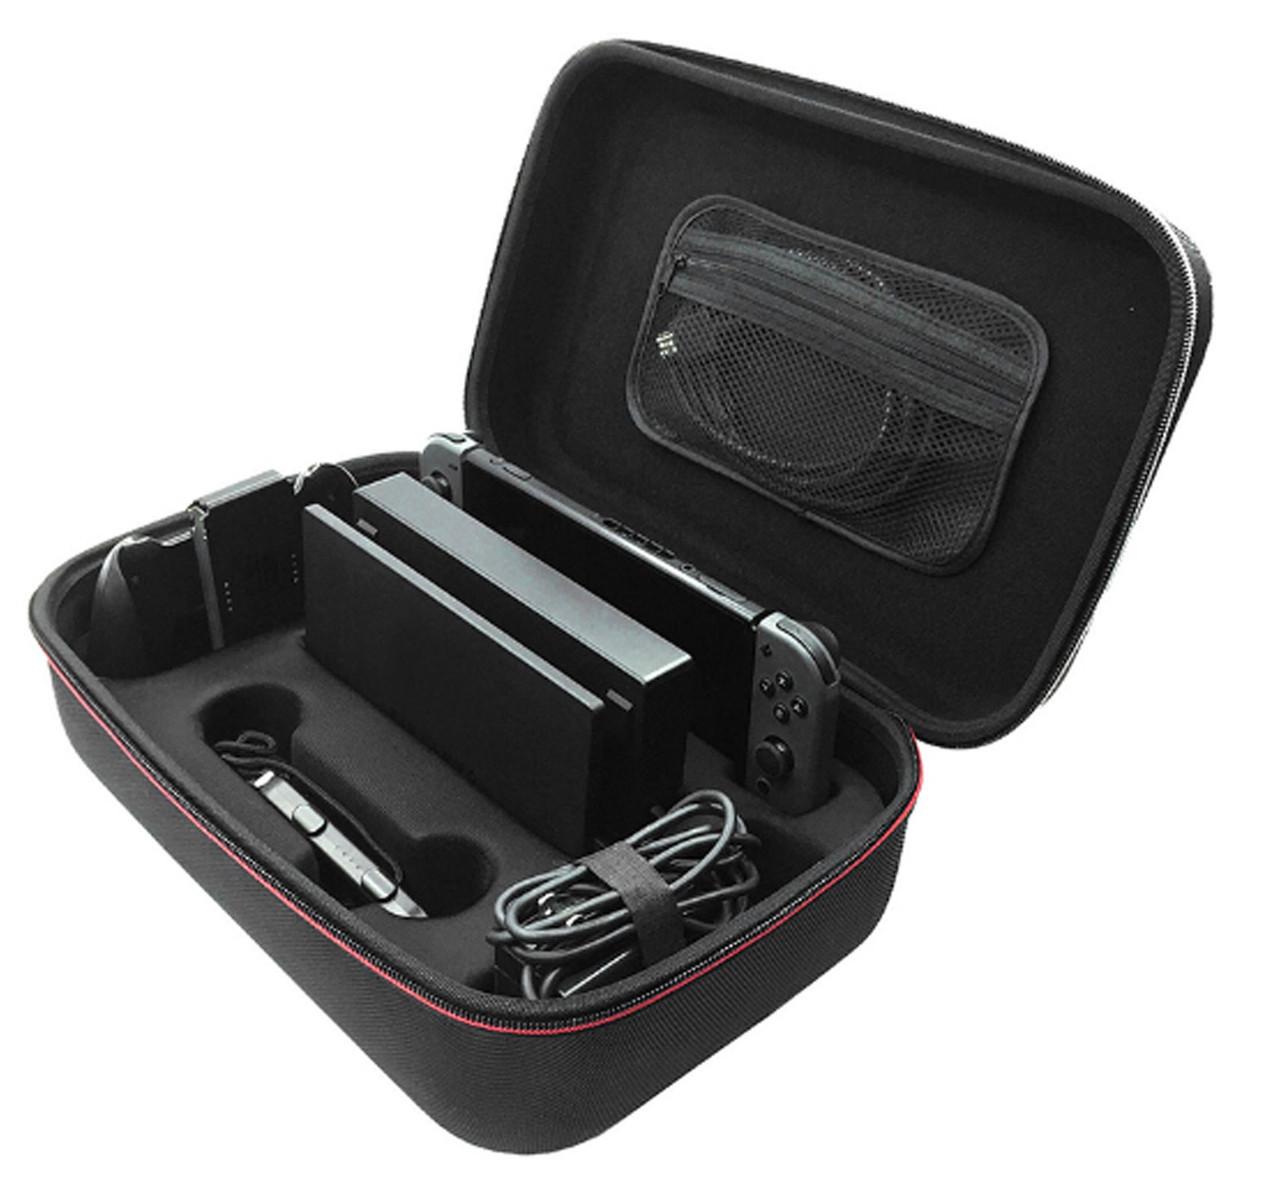 Travel кейс чехол с ручкой для Nintendo Switch с ручкой/ Стекла есть в наличии /